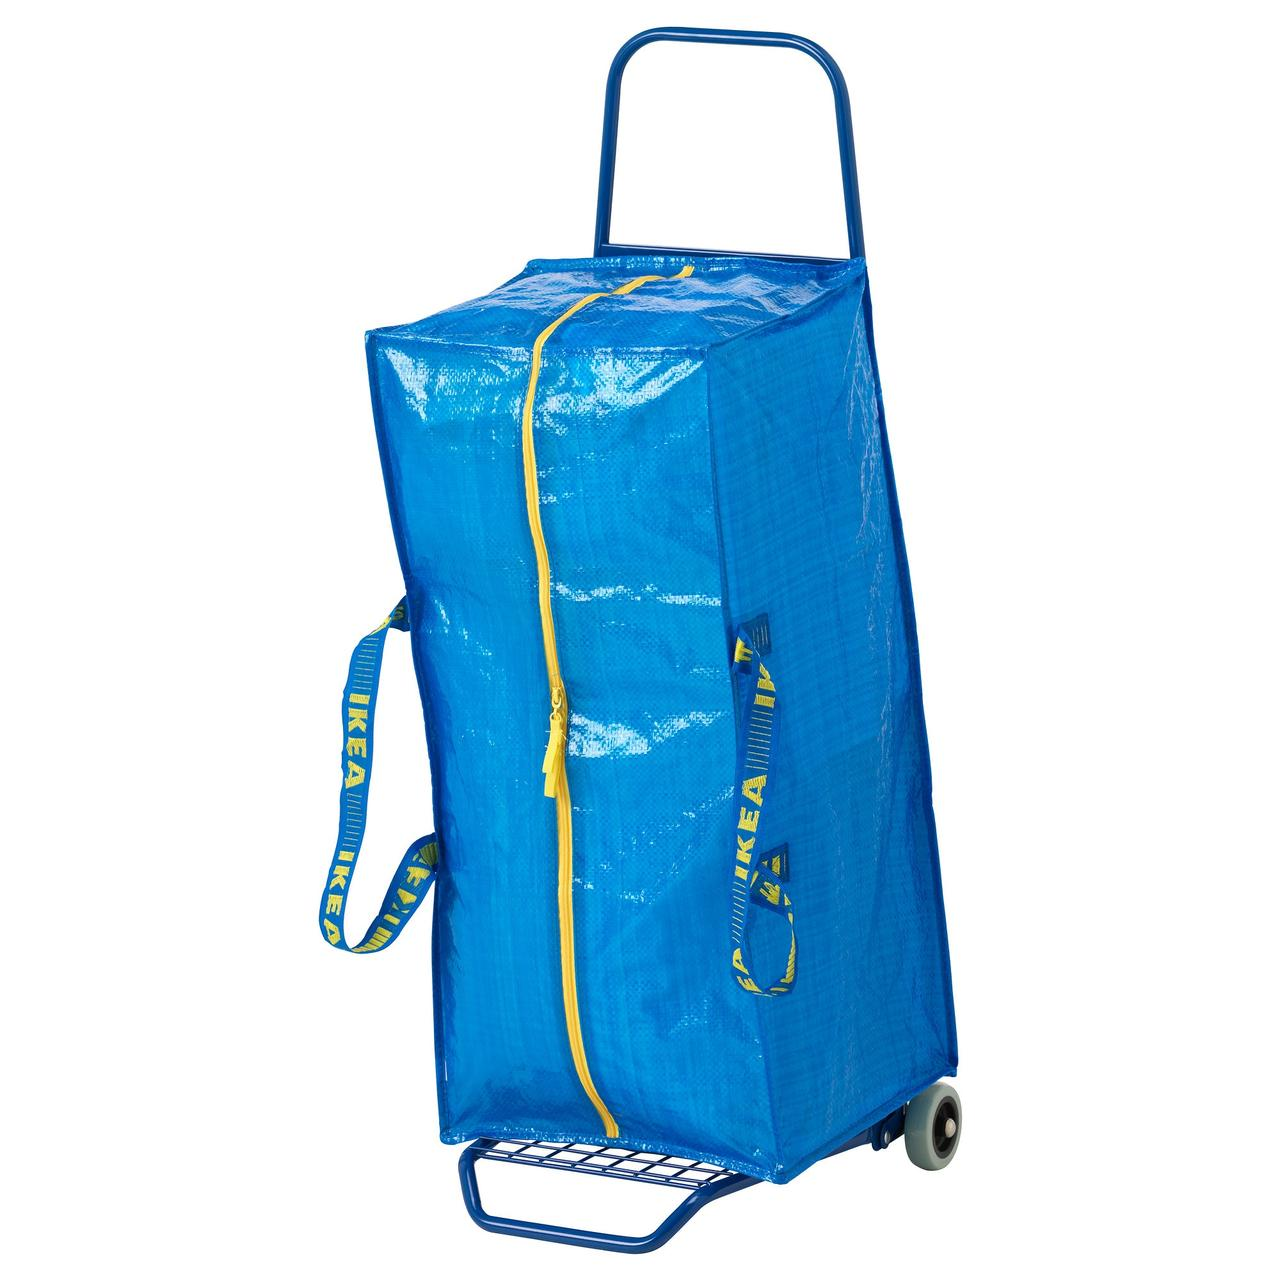 ФРАКТА Тележка с сумкой, синий